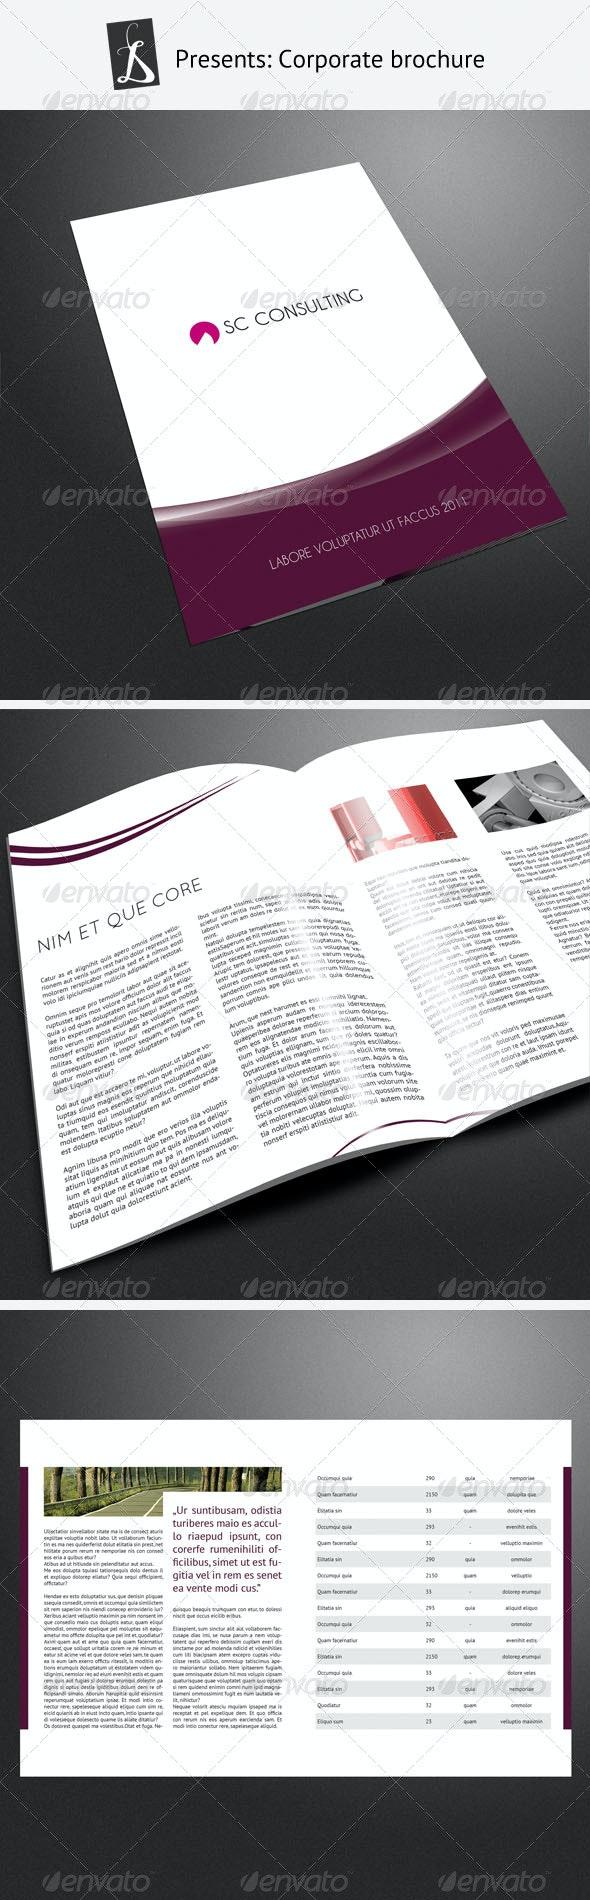 Corporate Brochure 3 - Corporate Brochures